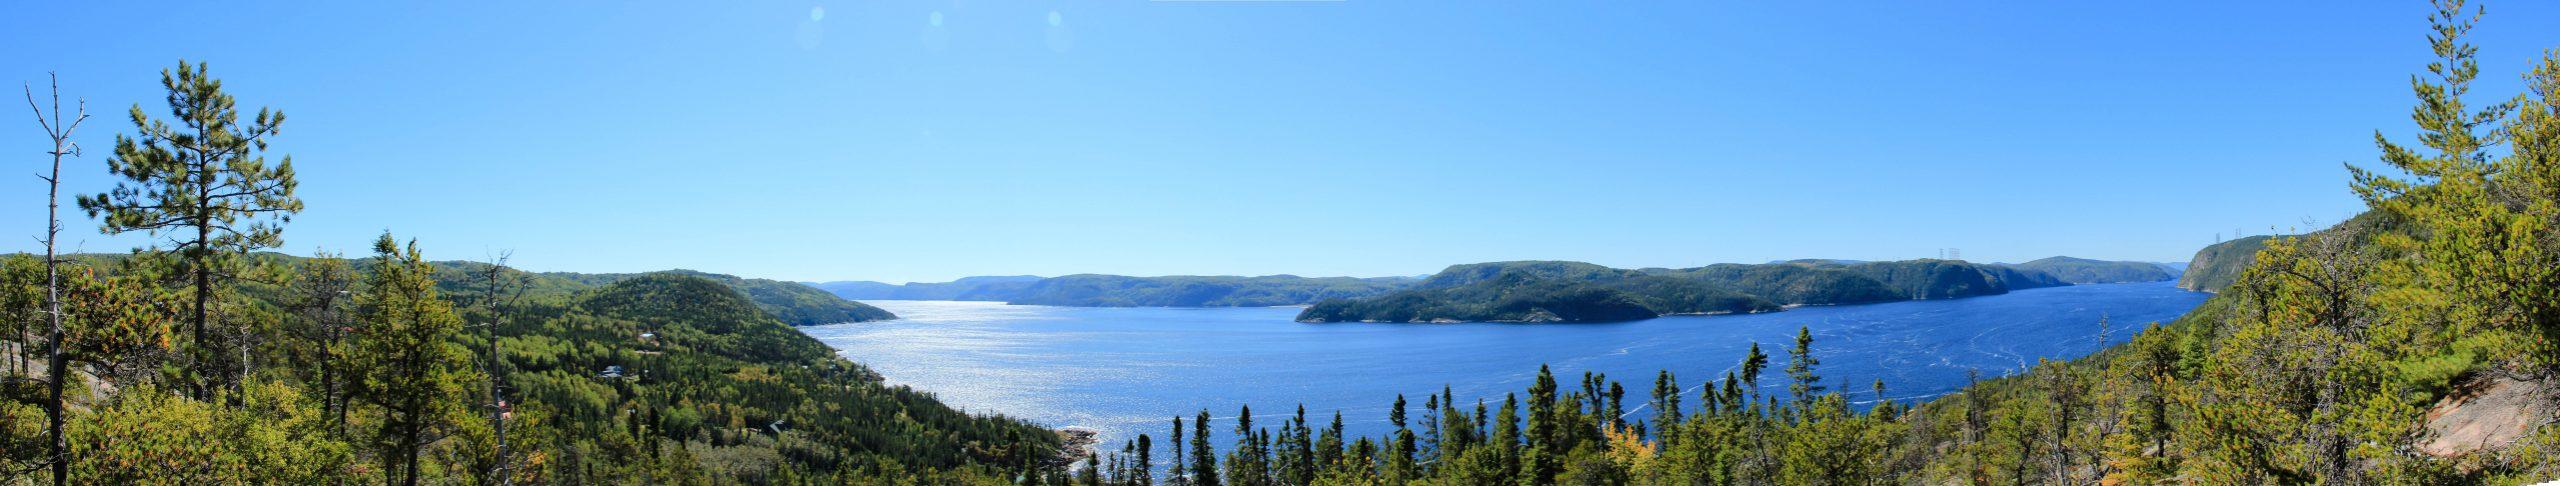 Longue randonnée Le Fjord Parc national le Fjord-du-Saguenay